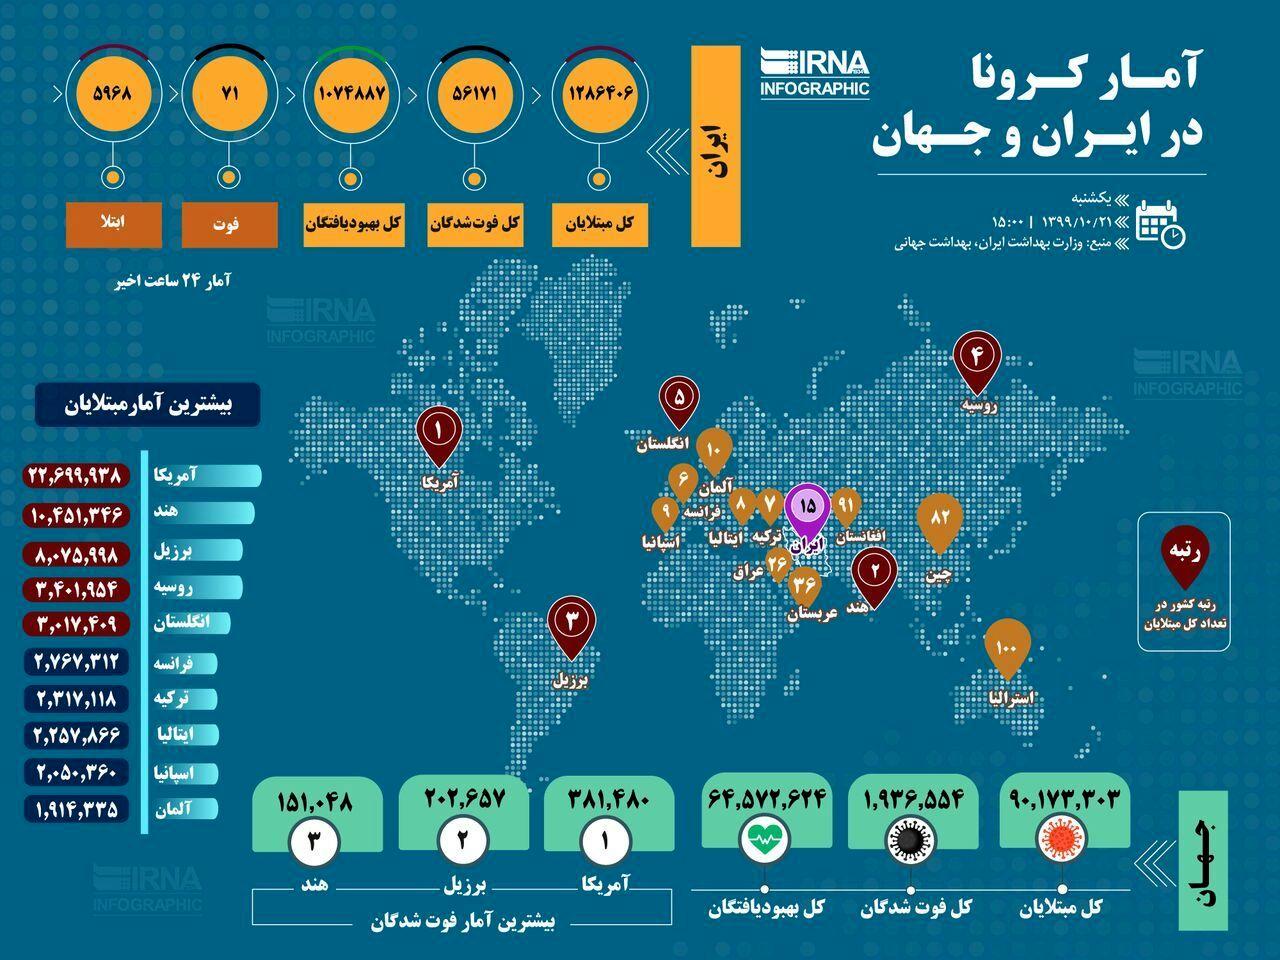 آمار کرونا در ایران و جهان (۱۳۹۹/۱۰/۲۱)